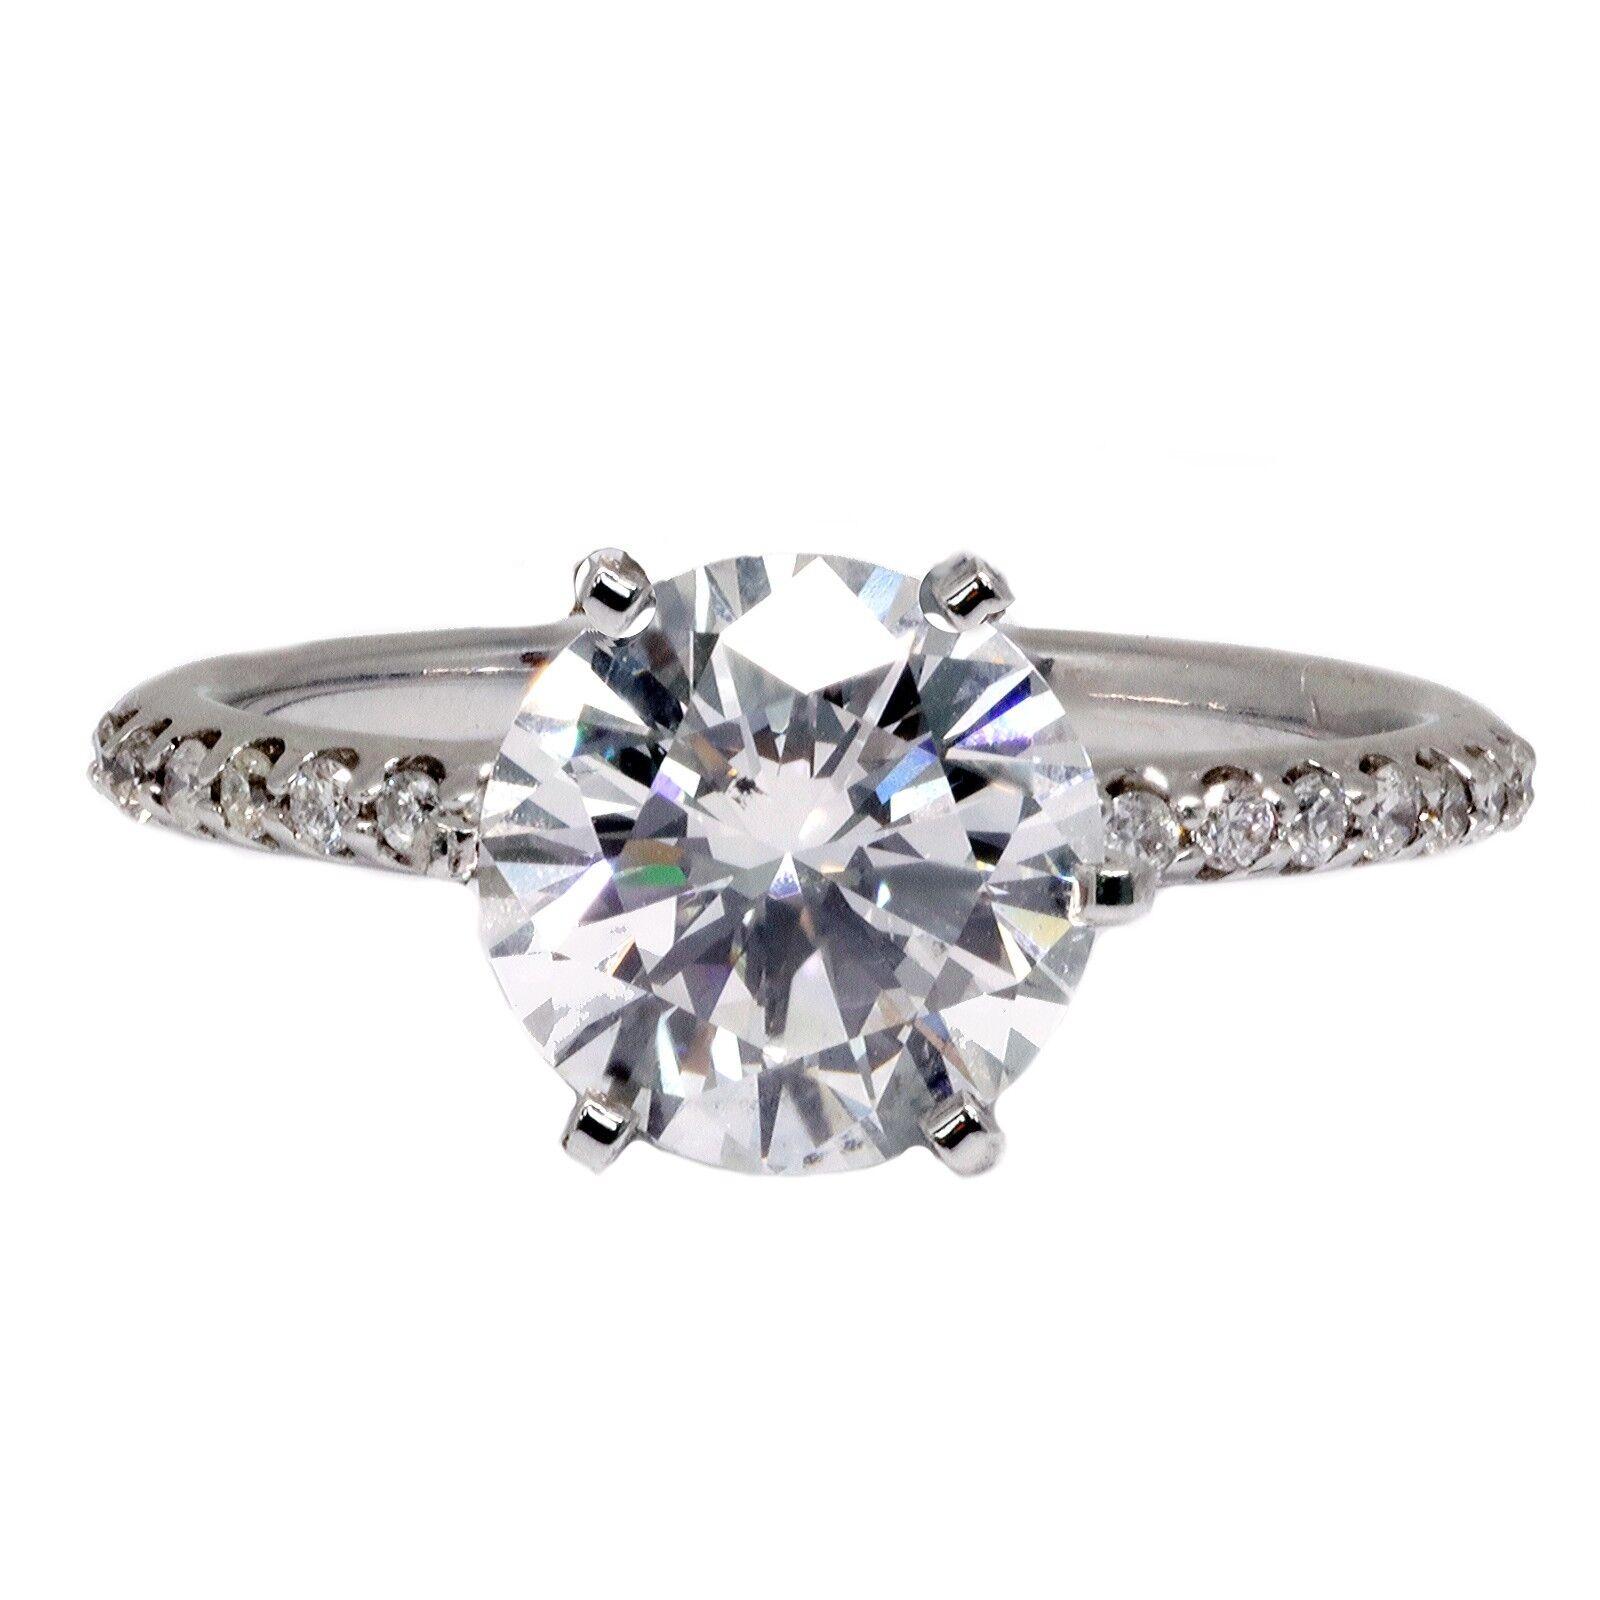 GIA E Si1 2.25 Carat Round Cut Diamond Engagement Ring 14k White Gold